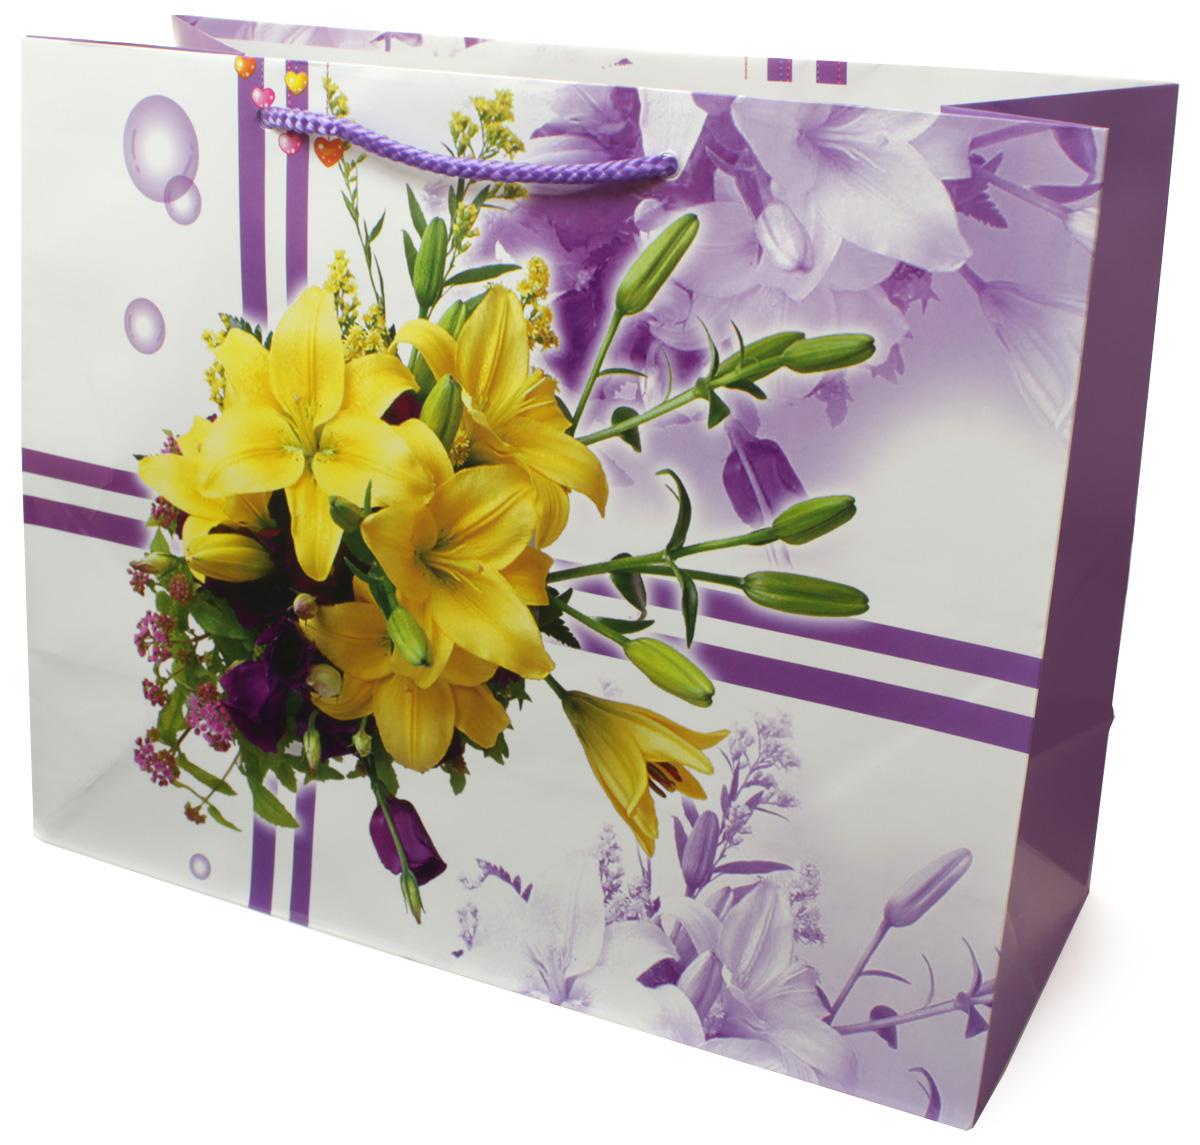 Пакет подарочный МегаМАГ Цветы, 32,7 х 26,4 х 13,6 см. 813 LH813 LHПодарочный пакет МегаМАГ, изготовленный из плотной ламинированной бумаги, станет незаменимым дополнением к выбранному подарку. Для удобной переноски на пакете имеются ручки-шнурки. Подарок, преподнесенный в оригинальной упаковке, всегда будет самым эффектным и запоминающимся. Окружите близких людей вниманием и заботой, вручив презент в нарядном, праздничном оформлении.